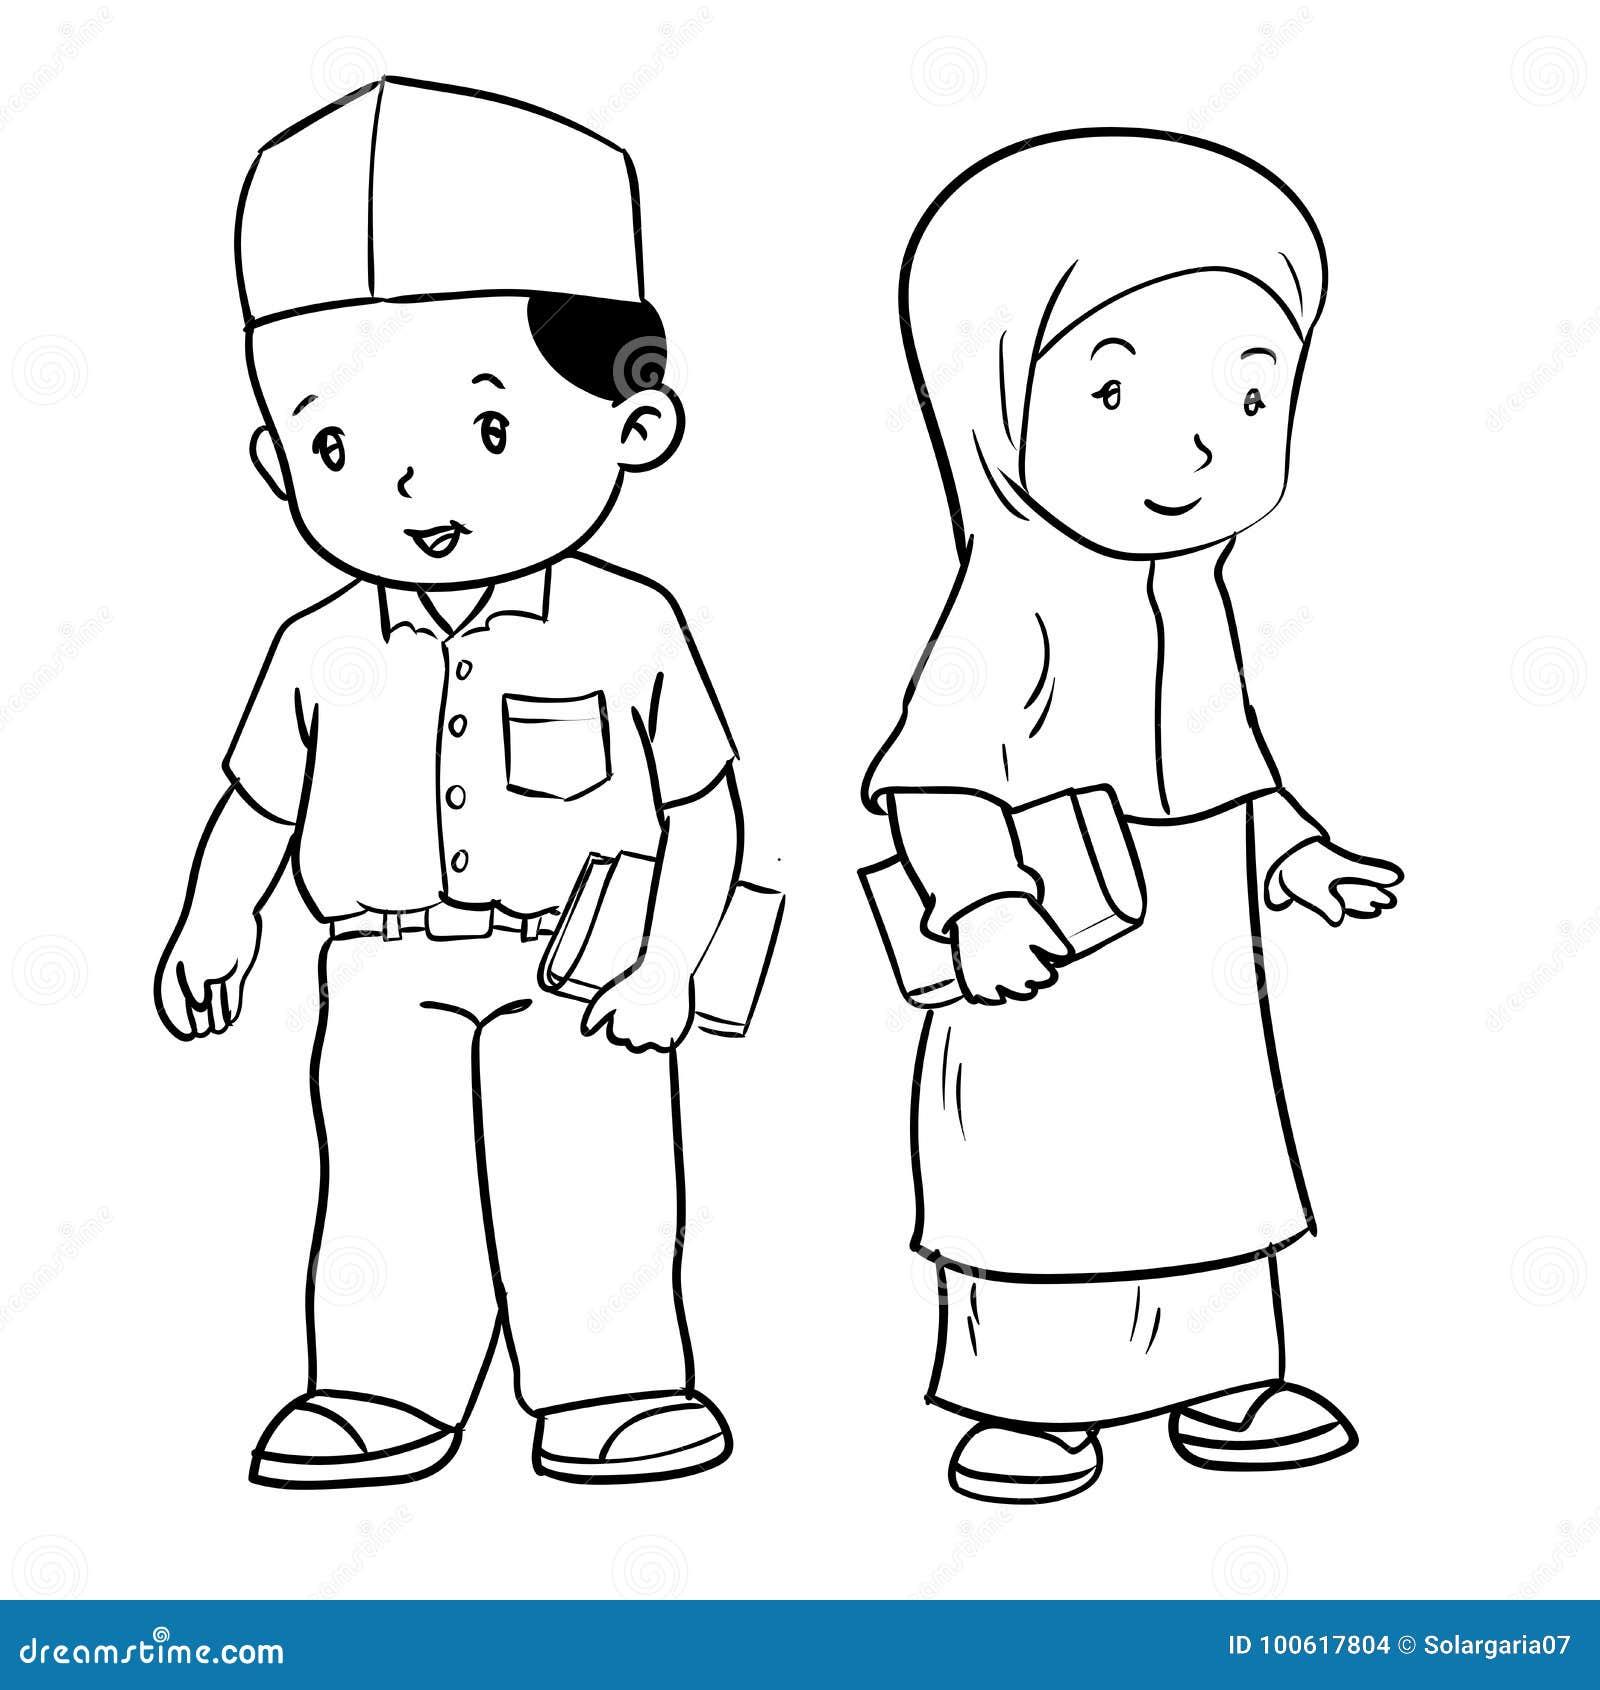 Coloring pages of children wearing afo ~ Illustrazione Musulmana Di Studente-vettore Del Disegno ...